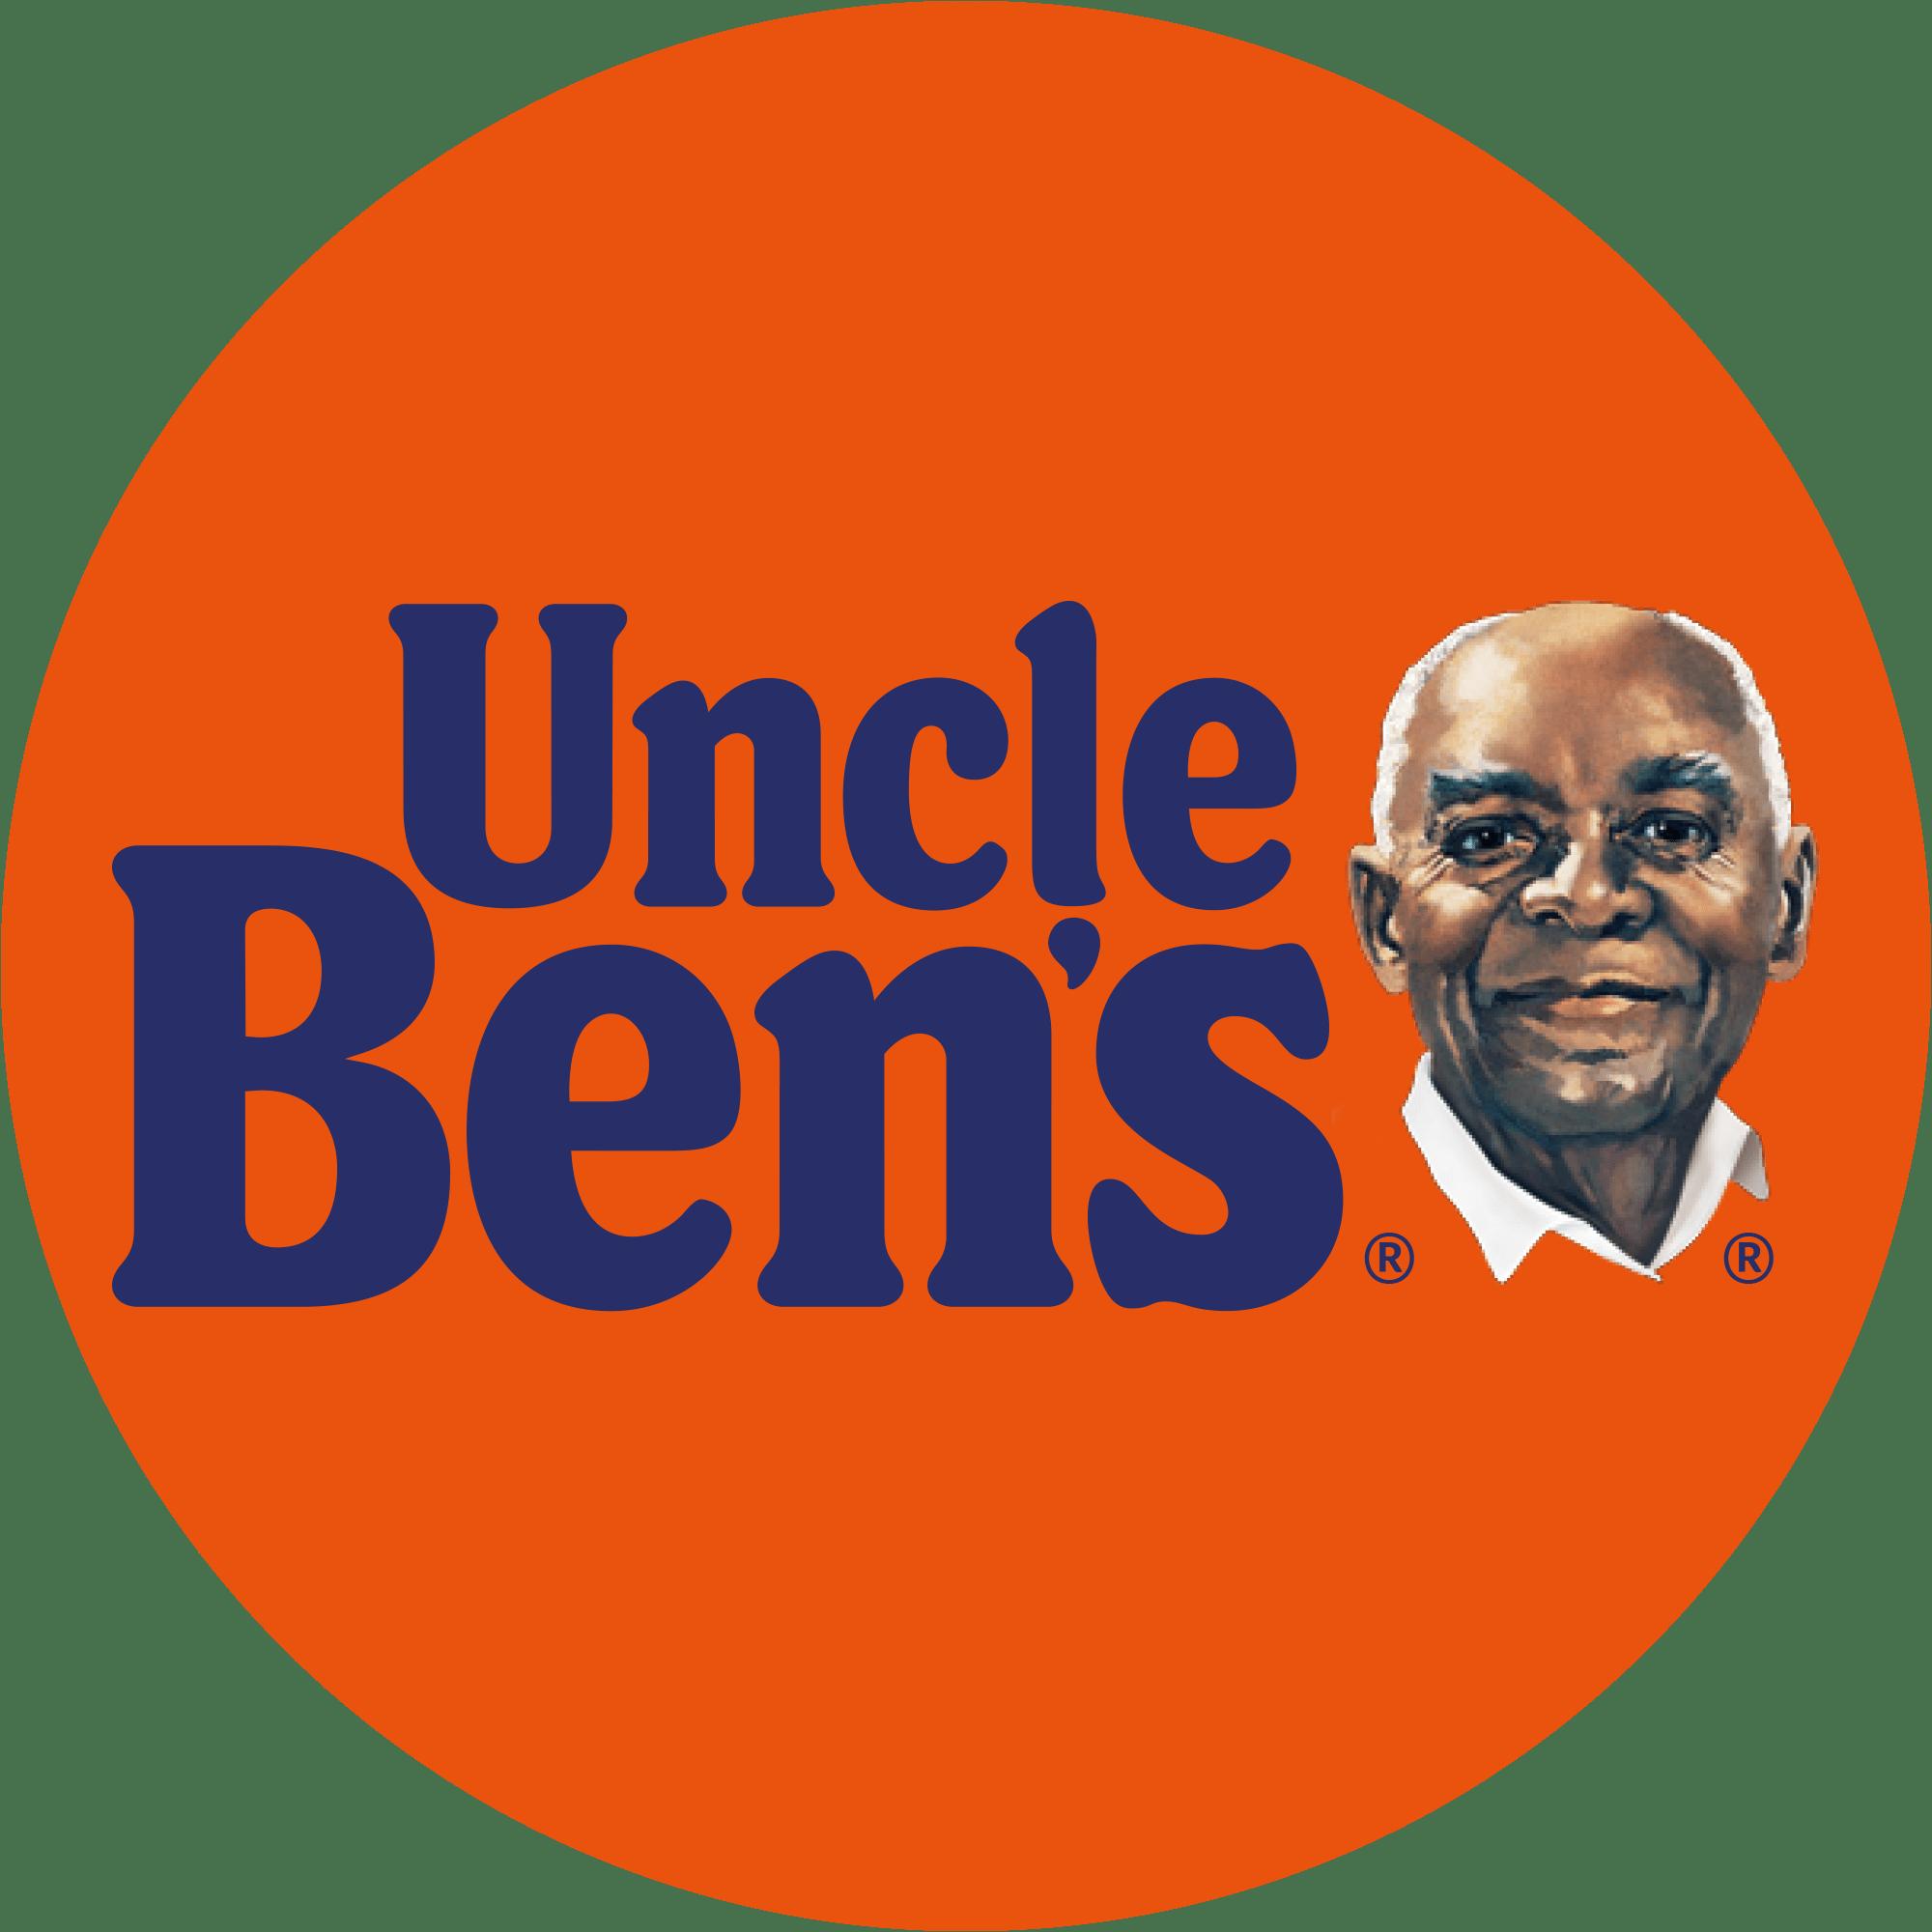 Uncle Ben's - ryże i sosy - najwyższej jakości produkty spożywcze